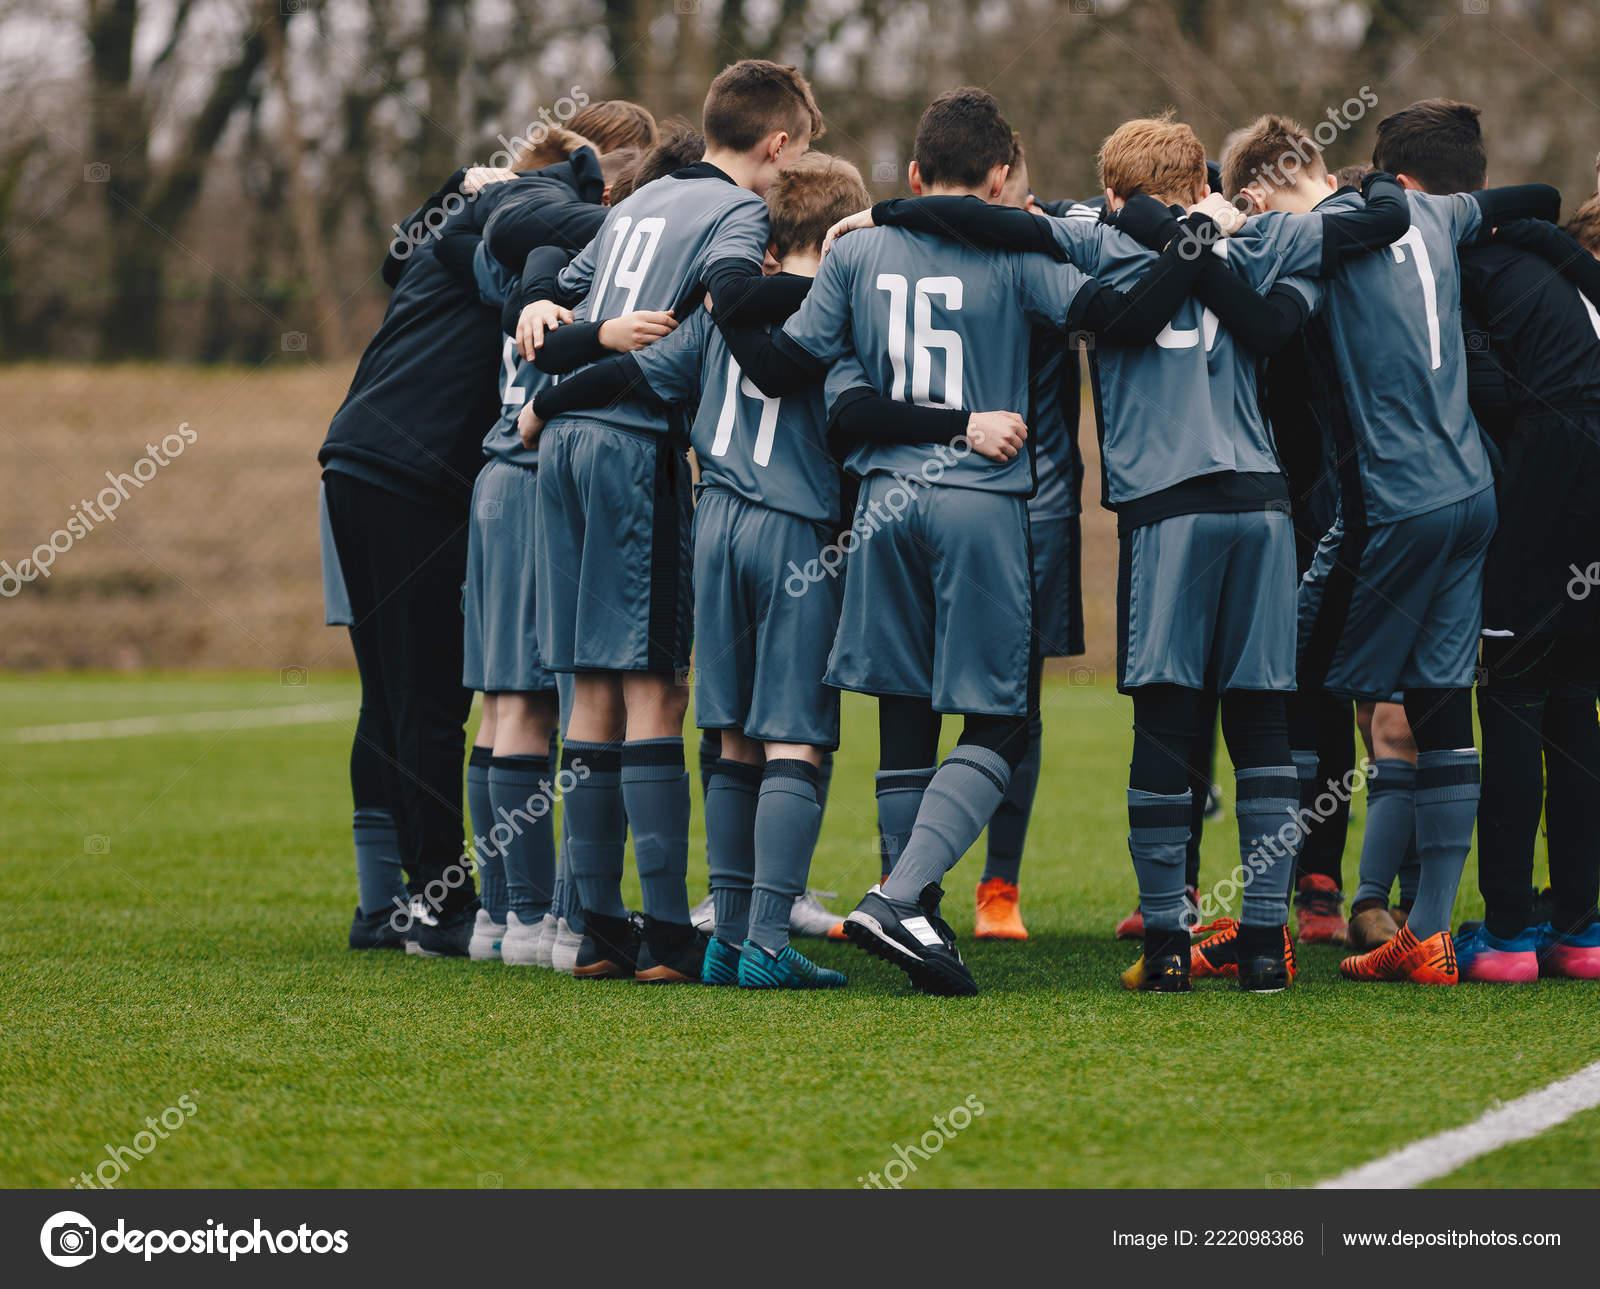 Equipo Fútbol Haciendo Canto Motivacional Pre Juego Jóvenes